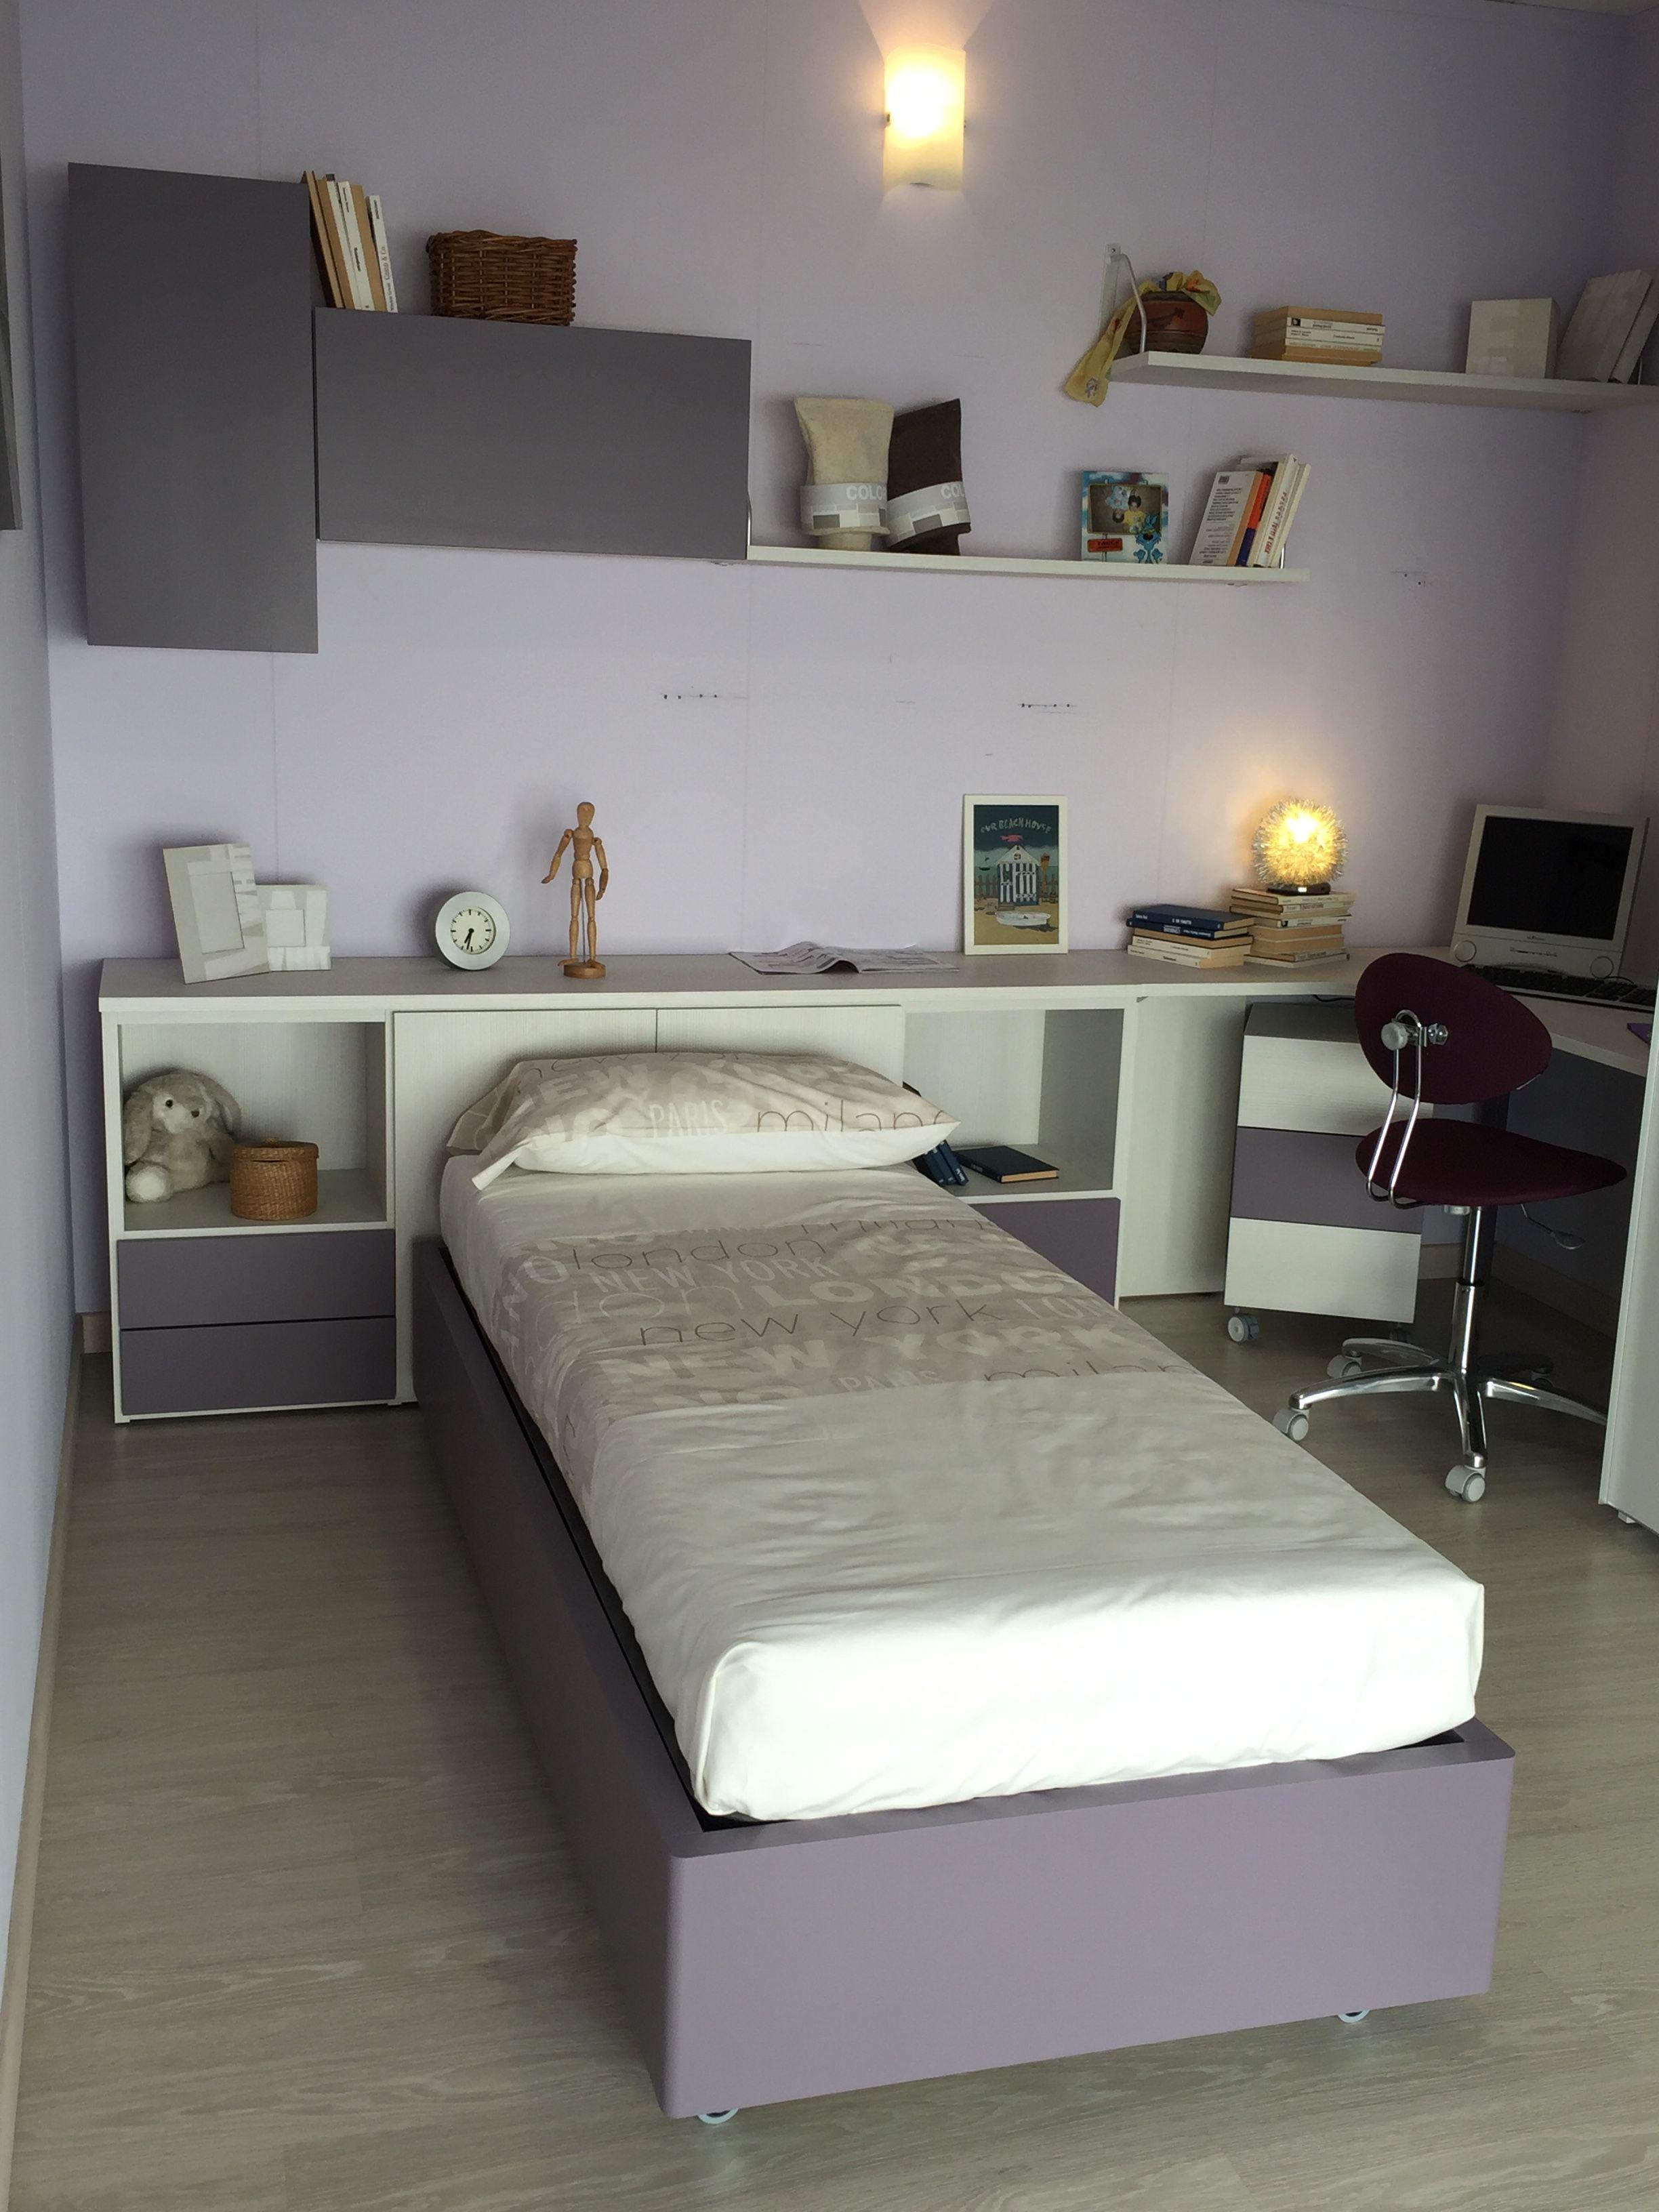 Cameretta moretticompact in laminato colore betulla e parti laccate colore mora letto singolo - Letto moretti compact ...